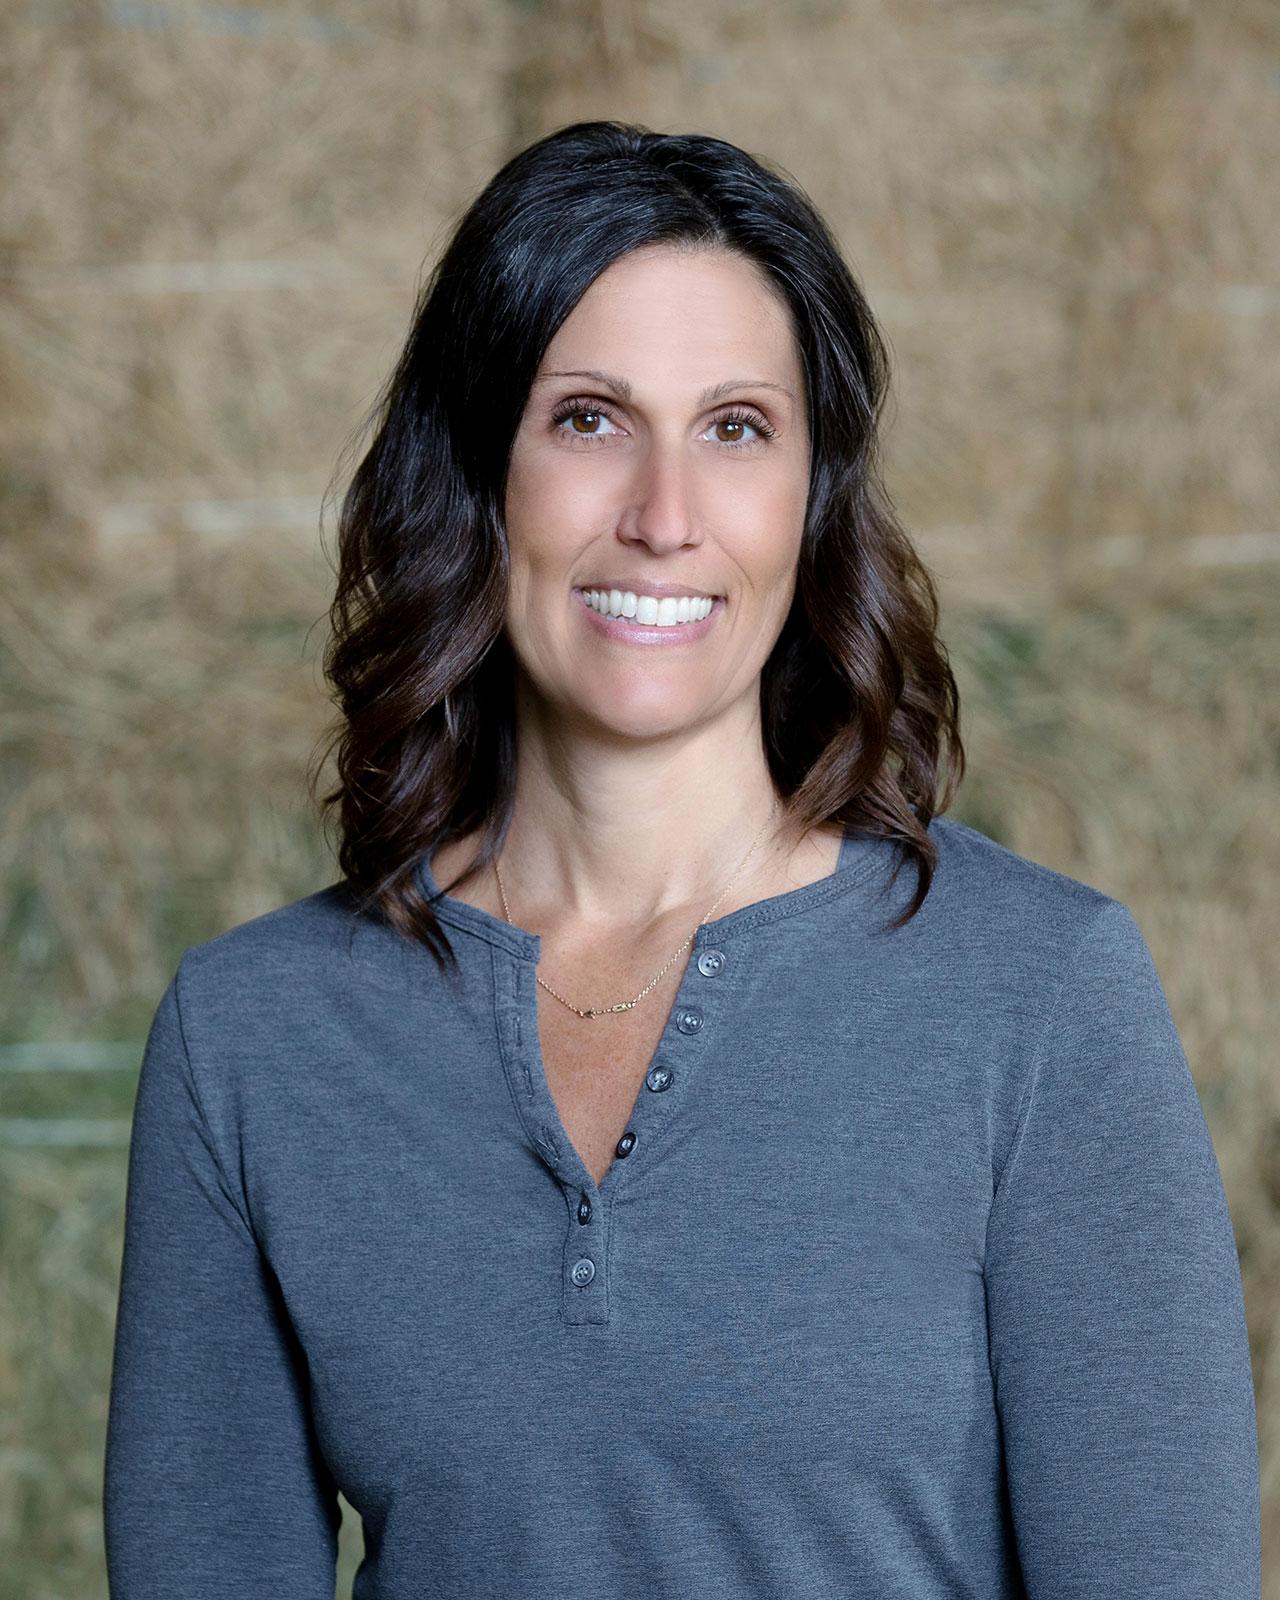 Christina Avalos